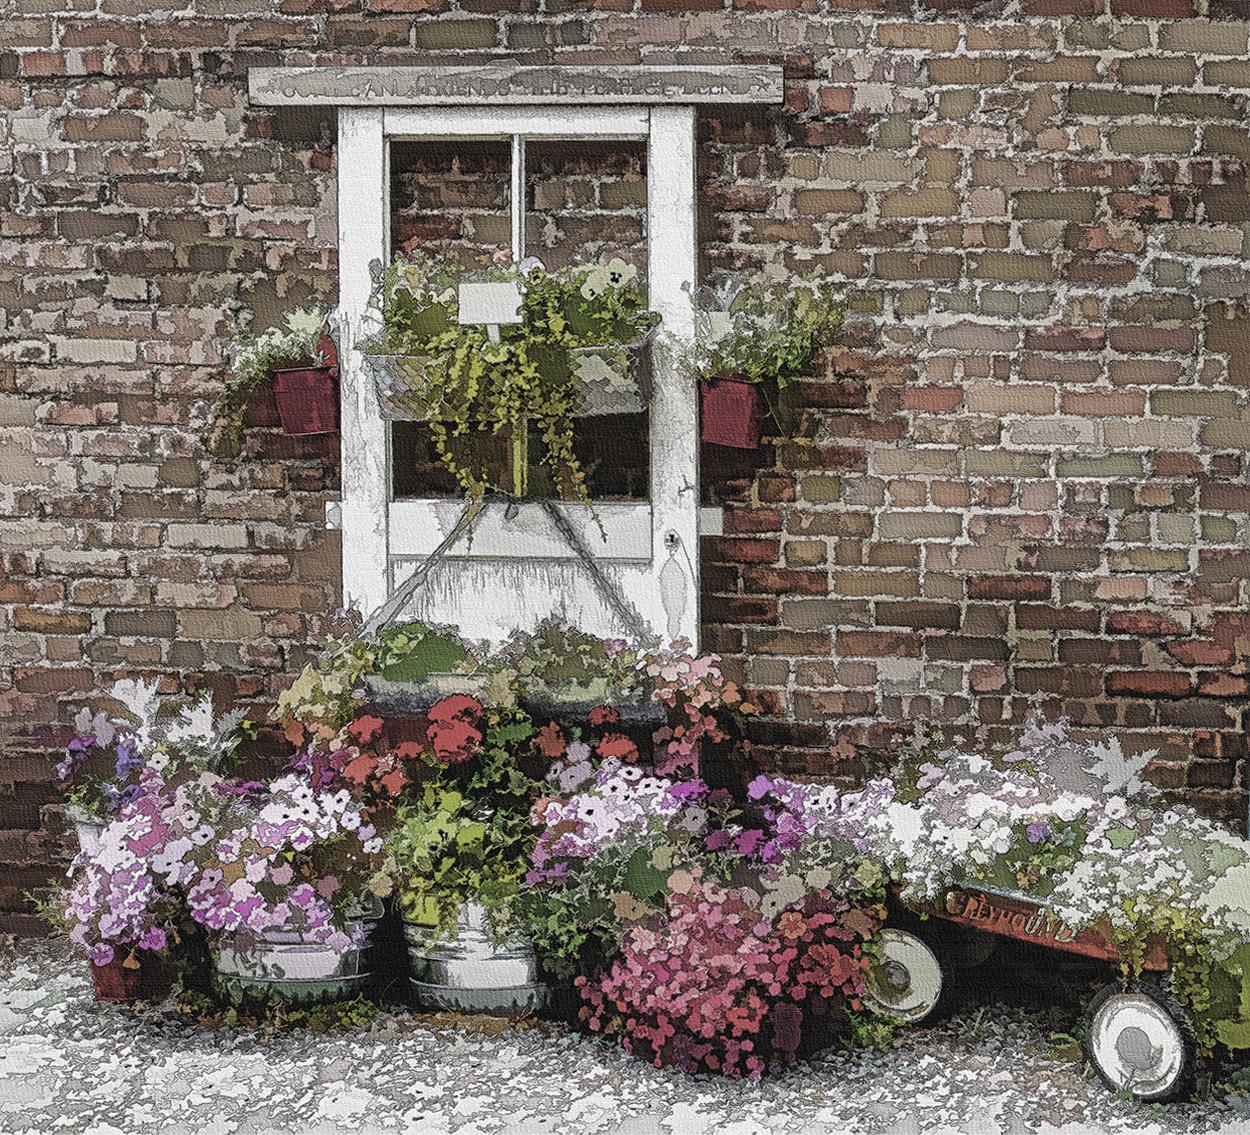 Flower Display Desat-.jpg